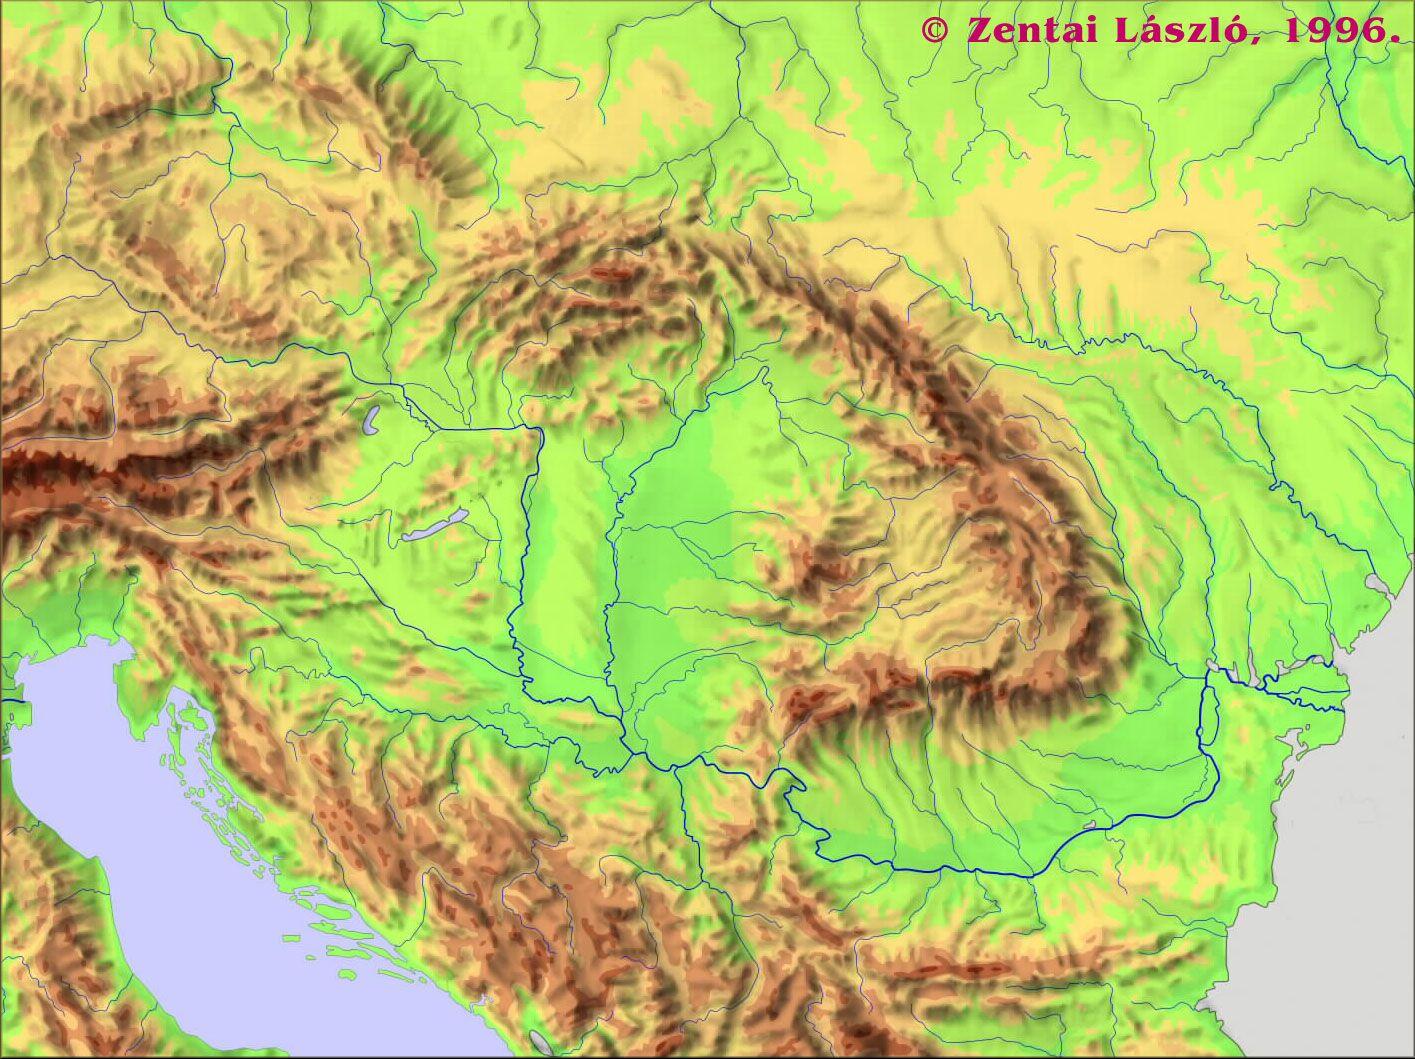 online domborzati térkép A Kárpát medence és környékének domborzata [Digitális Képarchívum  online domborzati térkép